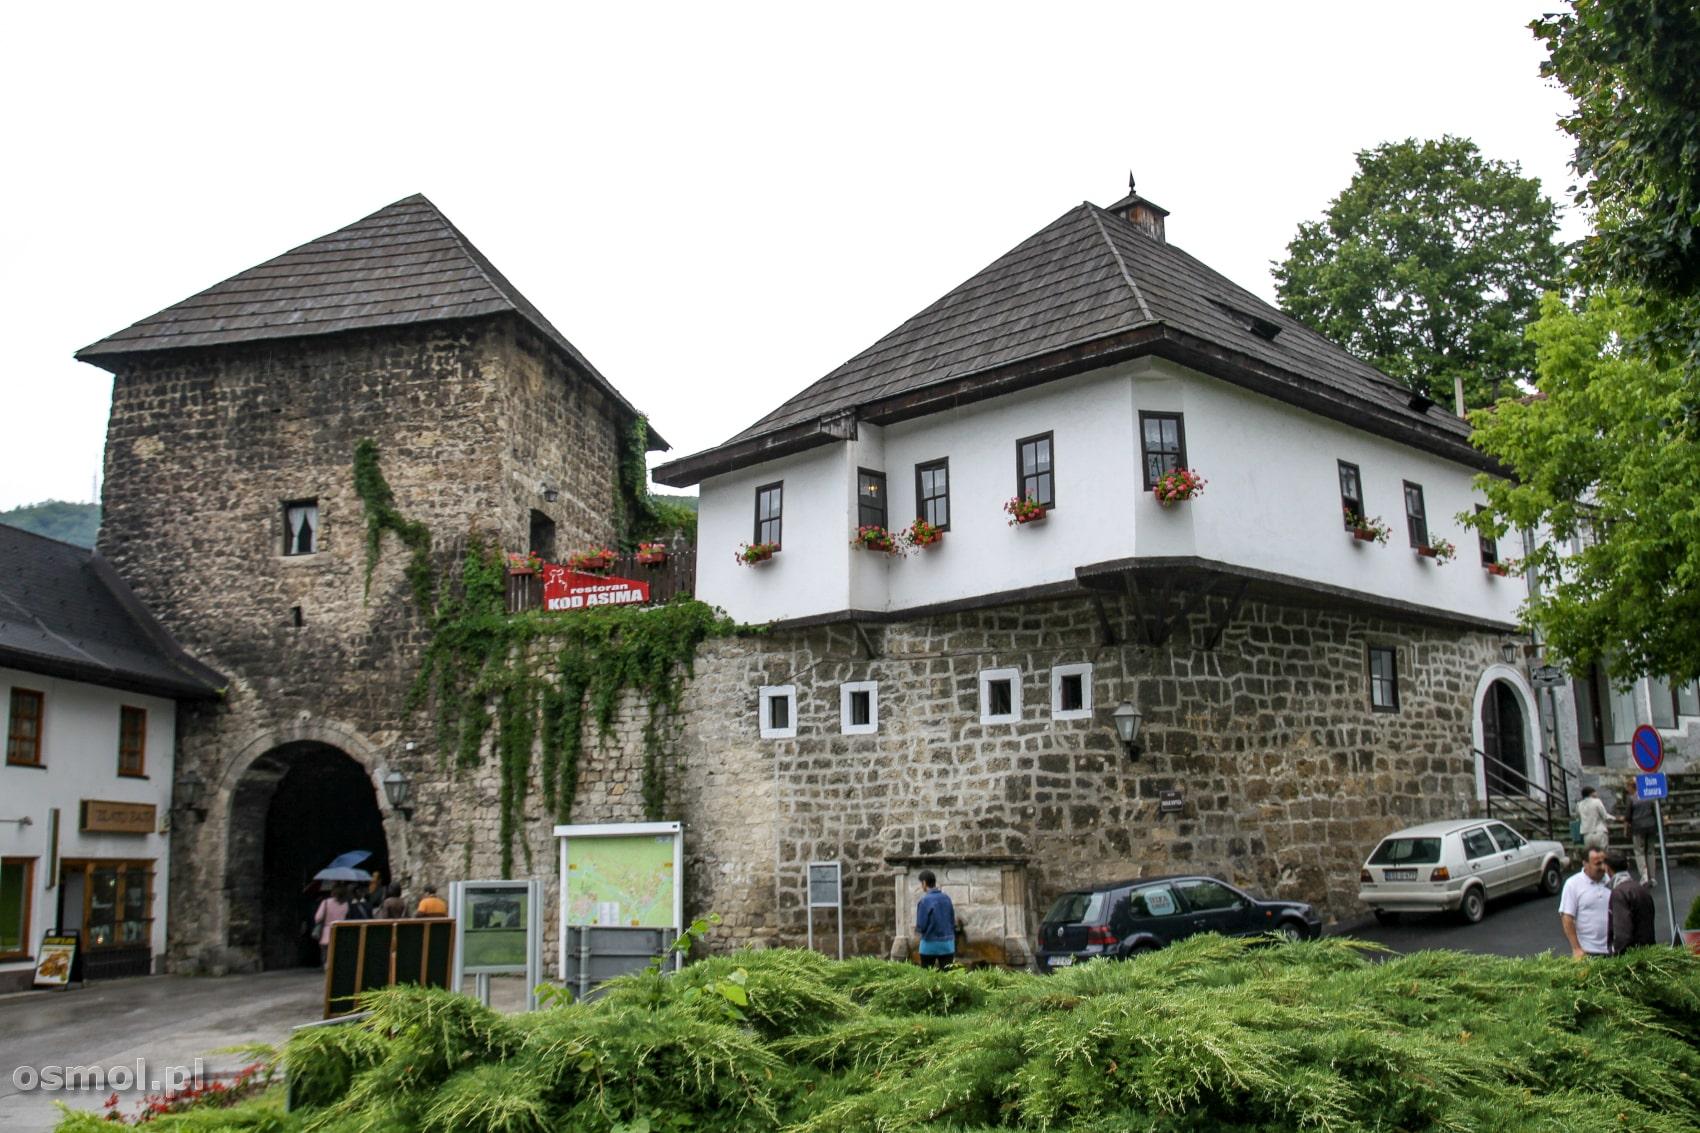 Południowa brama w Jajcach. Brama Travnik, bo zarówno kiedyś jak i dziś, prowadzi ona do Travnika